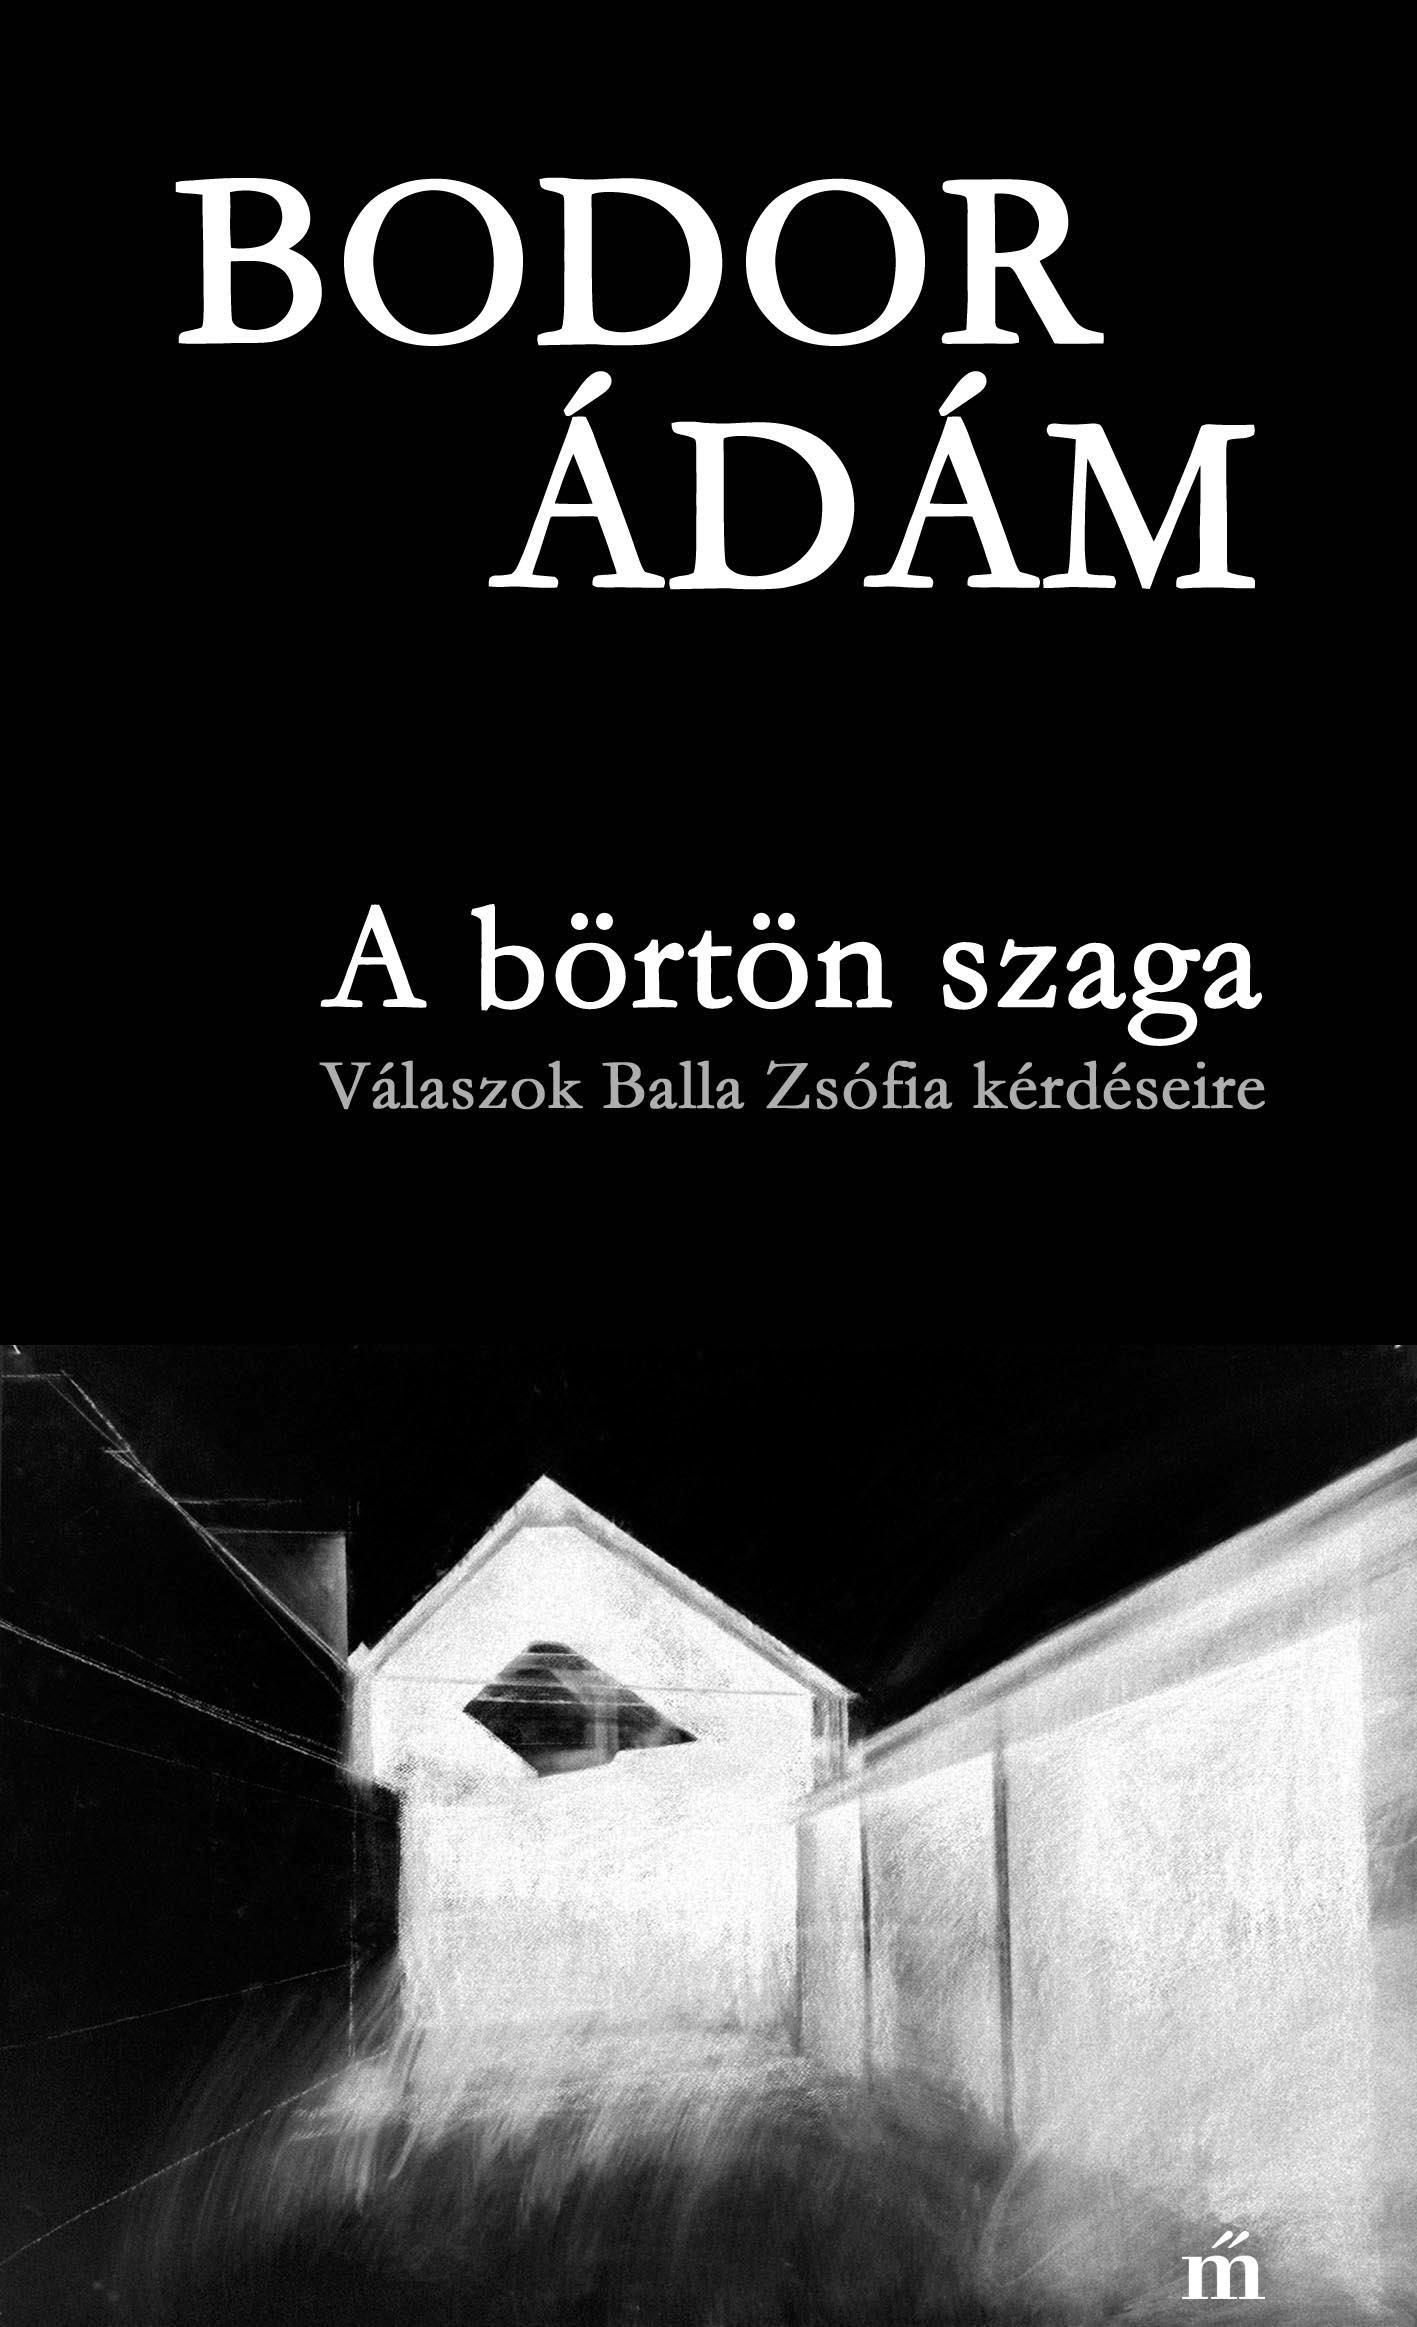 Bodor Ádám: A börtön szaga – Válaszok Balla Zsófia kérdéseire